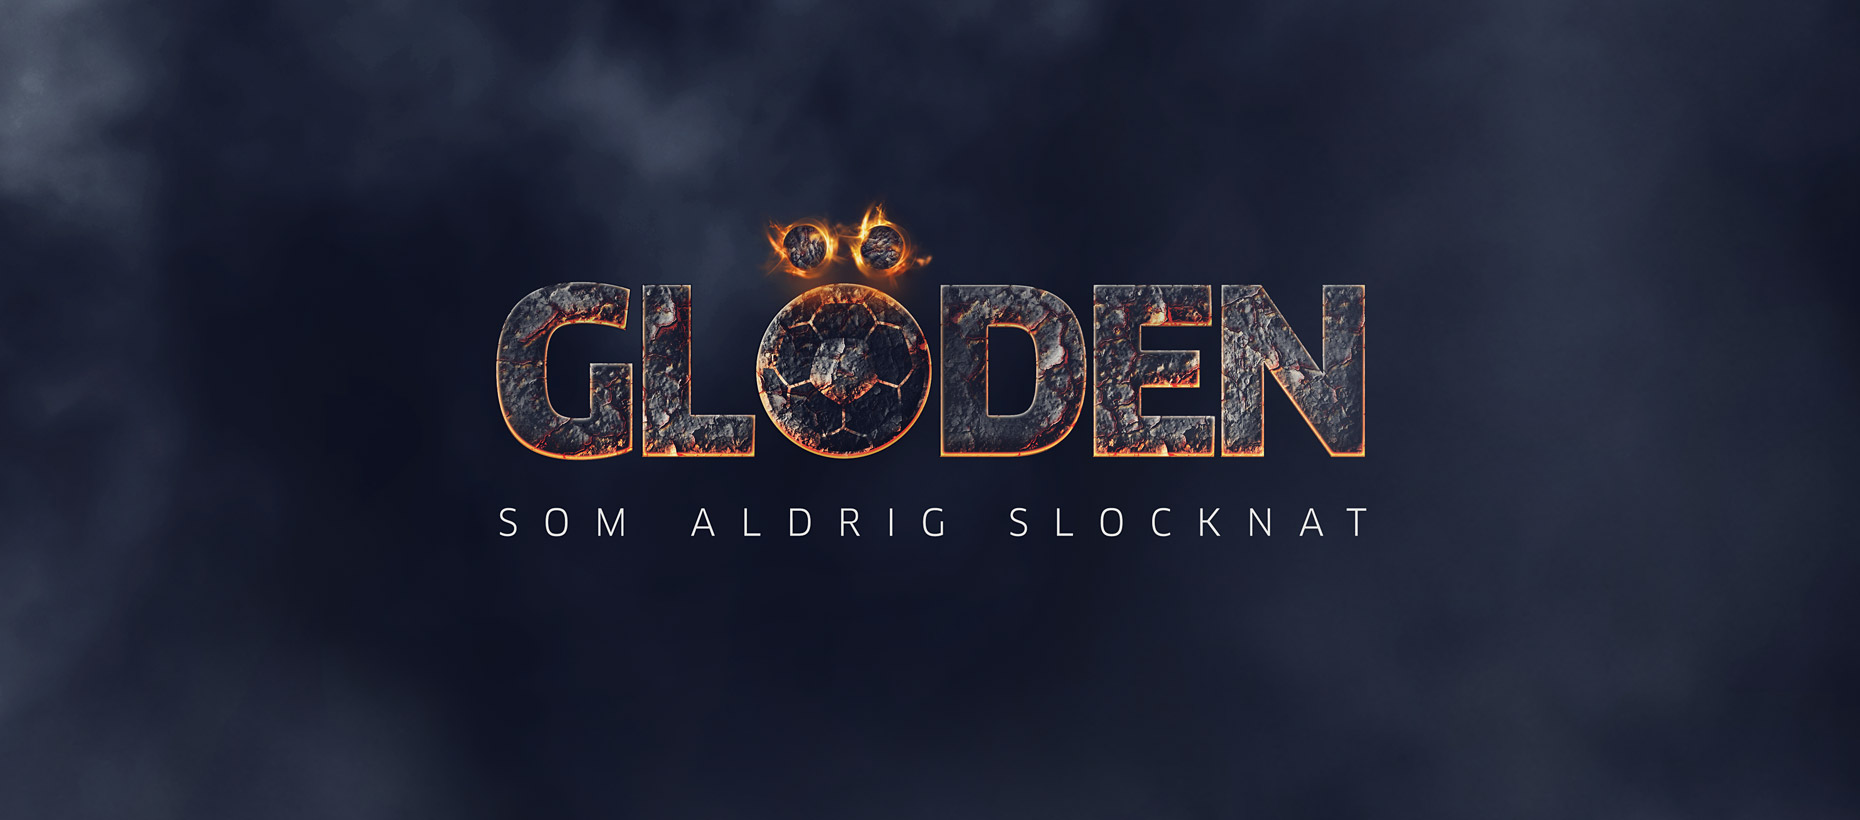 IFK Kristianstad - Glöden som aldrig slocknat